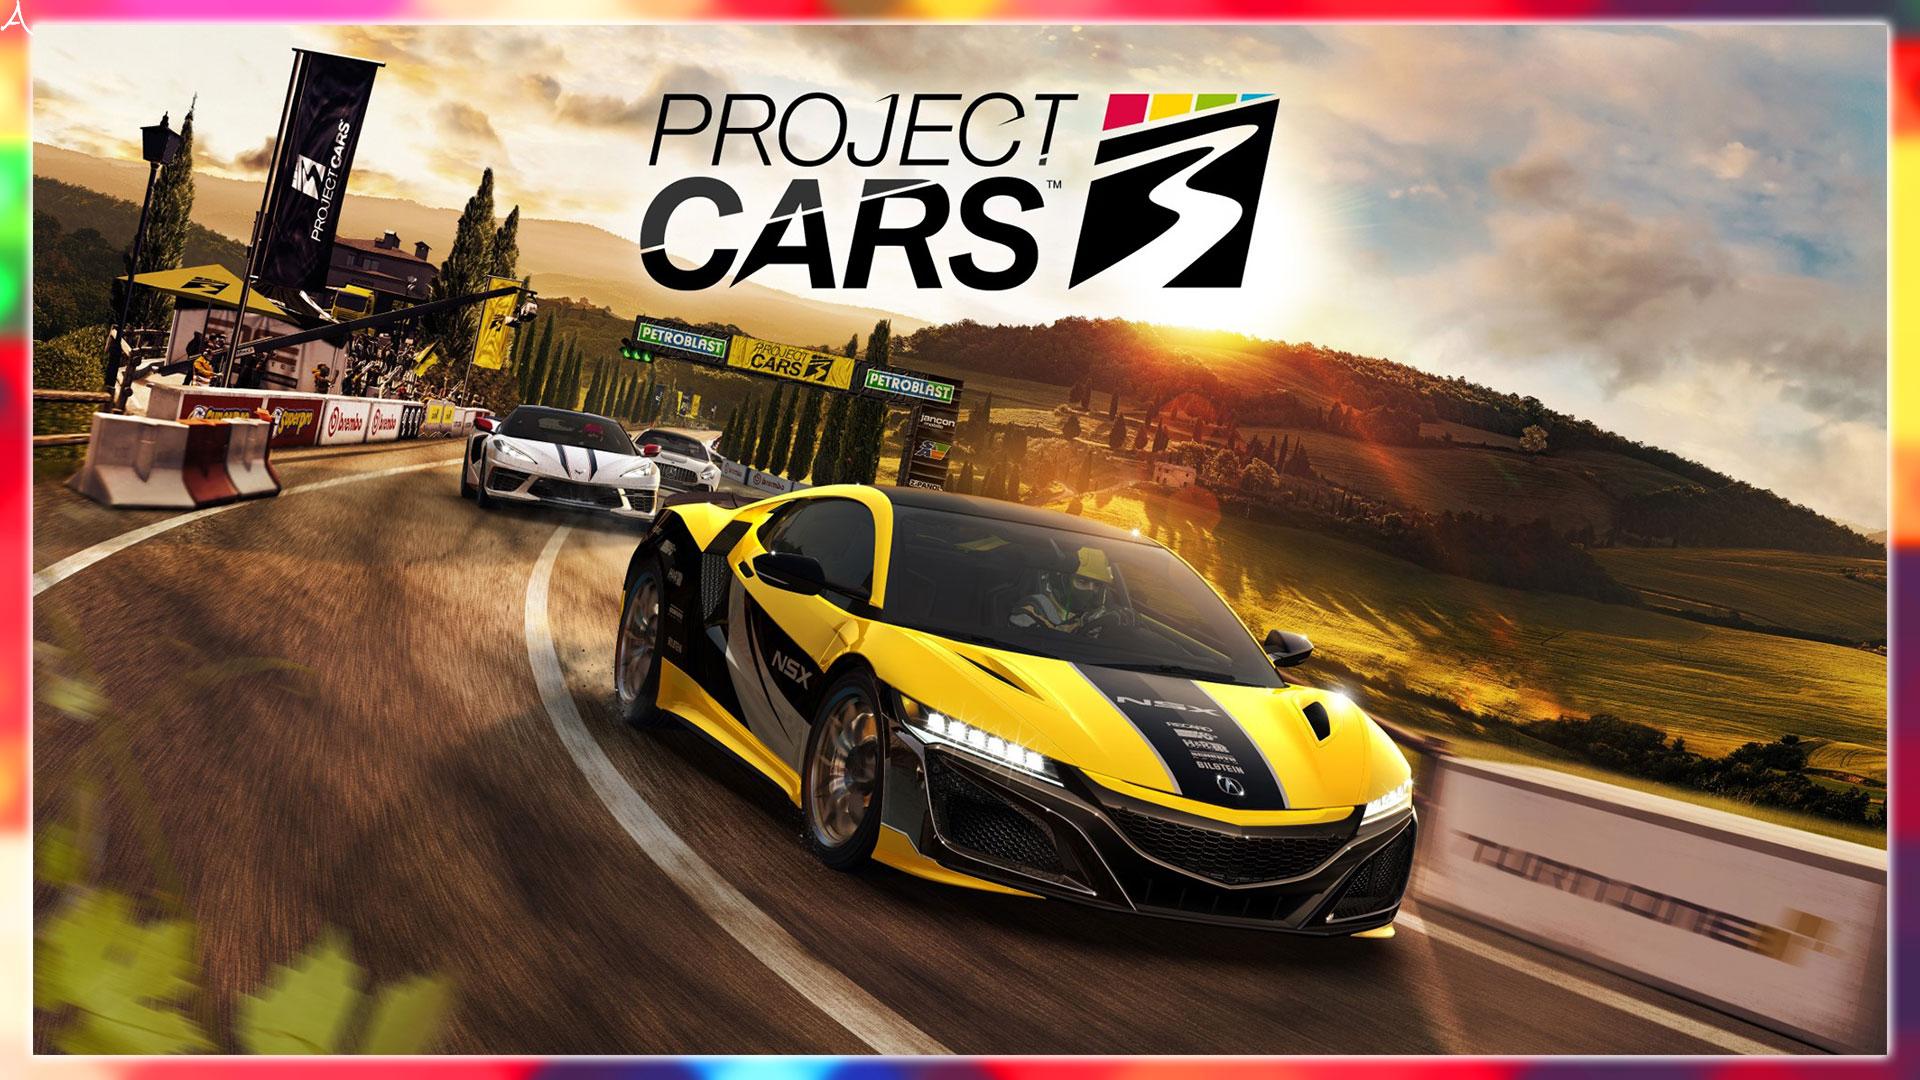 PC版「Project Cars 3」に必要な最低/推奨スペックを確認:快適プレイに必要な値段はどれくらい?